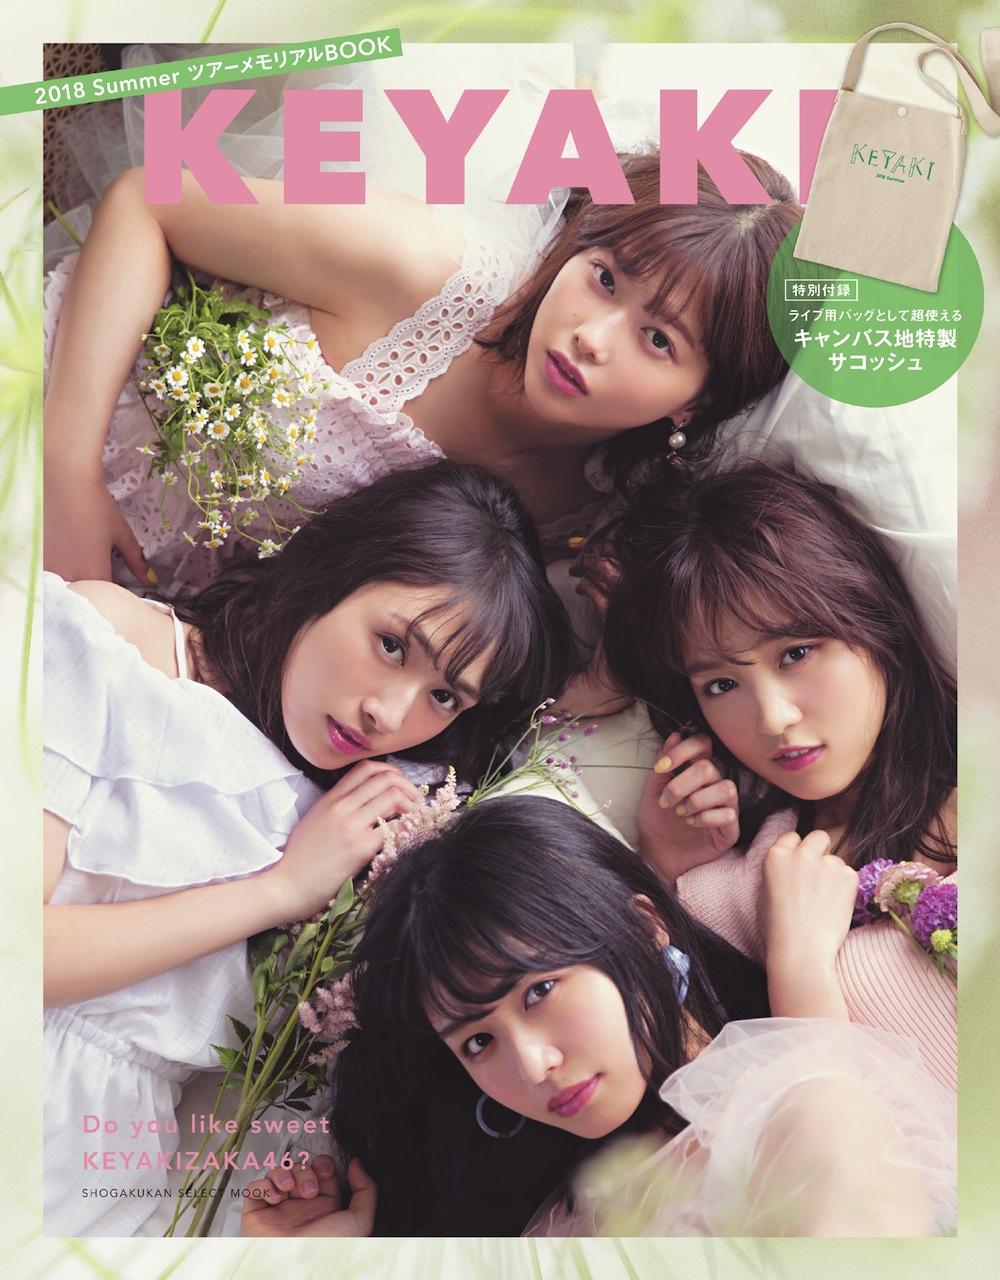 欅坂46ツアーメモリアルBOOK『 KEYAKI  ~2018 Summer ツアーメモリアルBOOK~』通常版表紙